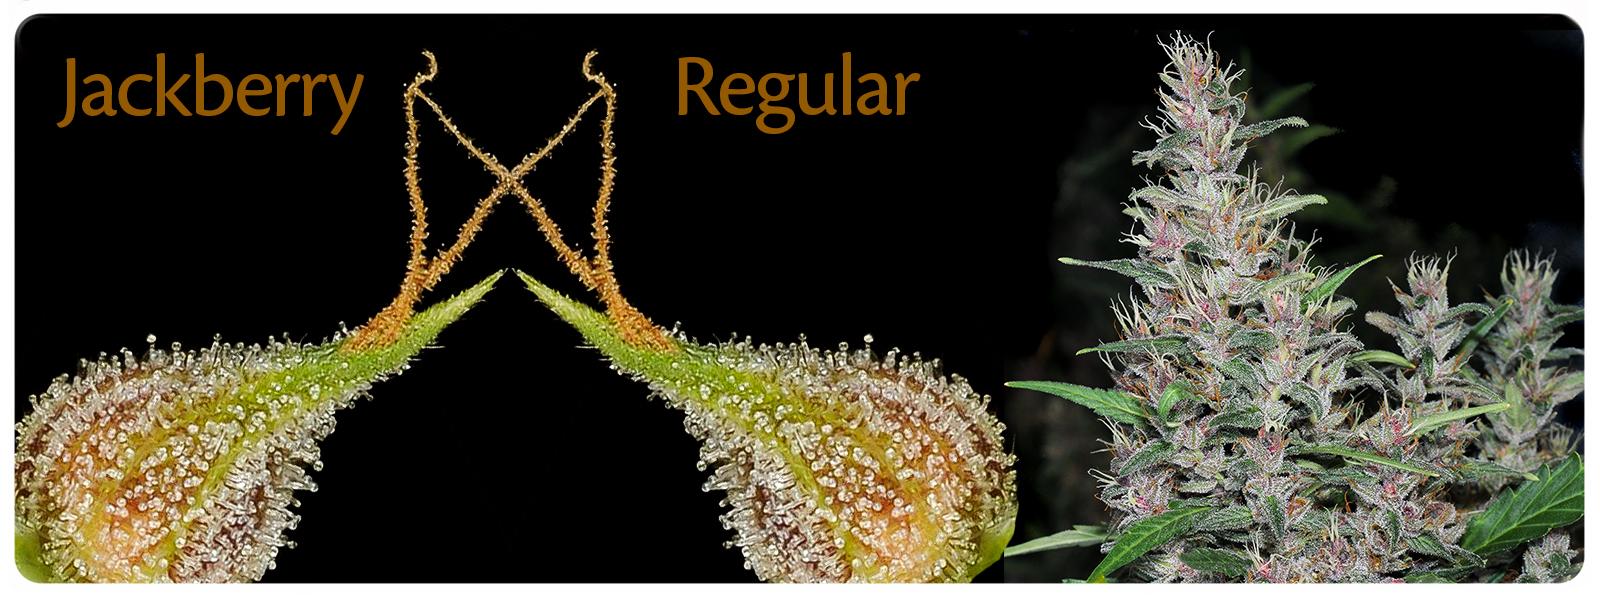 Jackberry reguliere cannabis voor de perfecte overdag high en sterke blueberry limoen geur en smaak